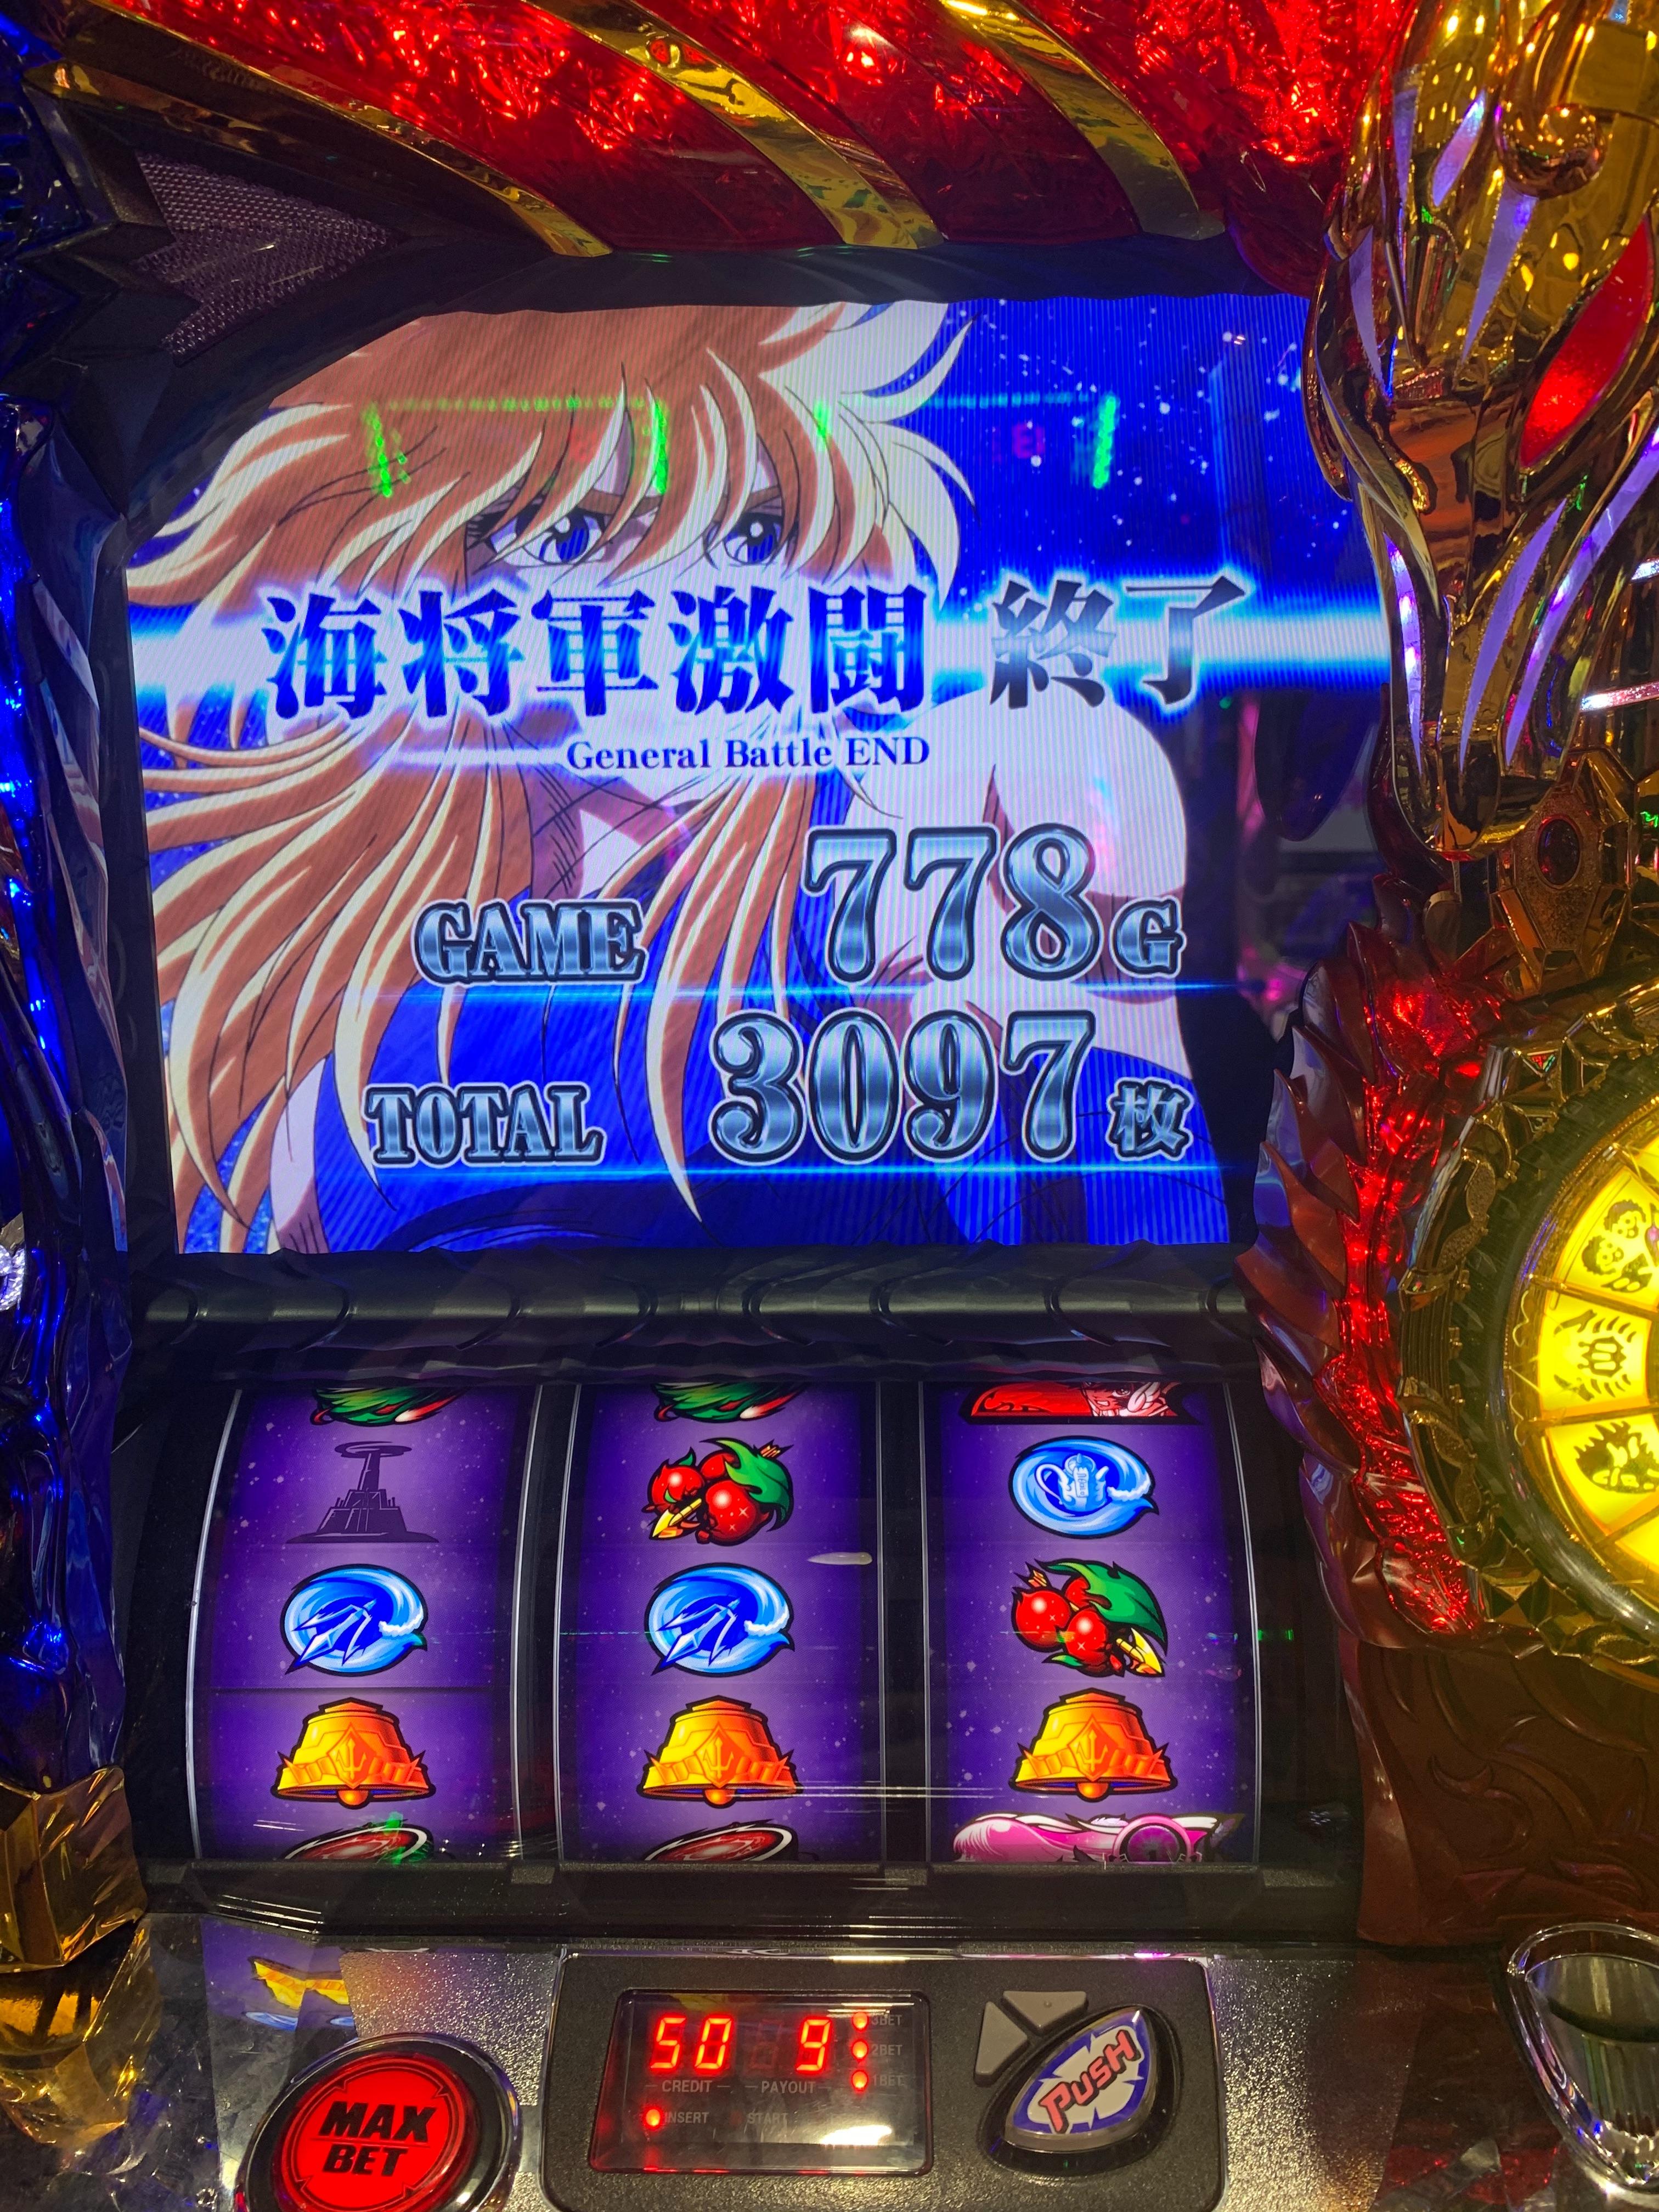 f:id:Chikubishin:20210215002343j:image